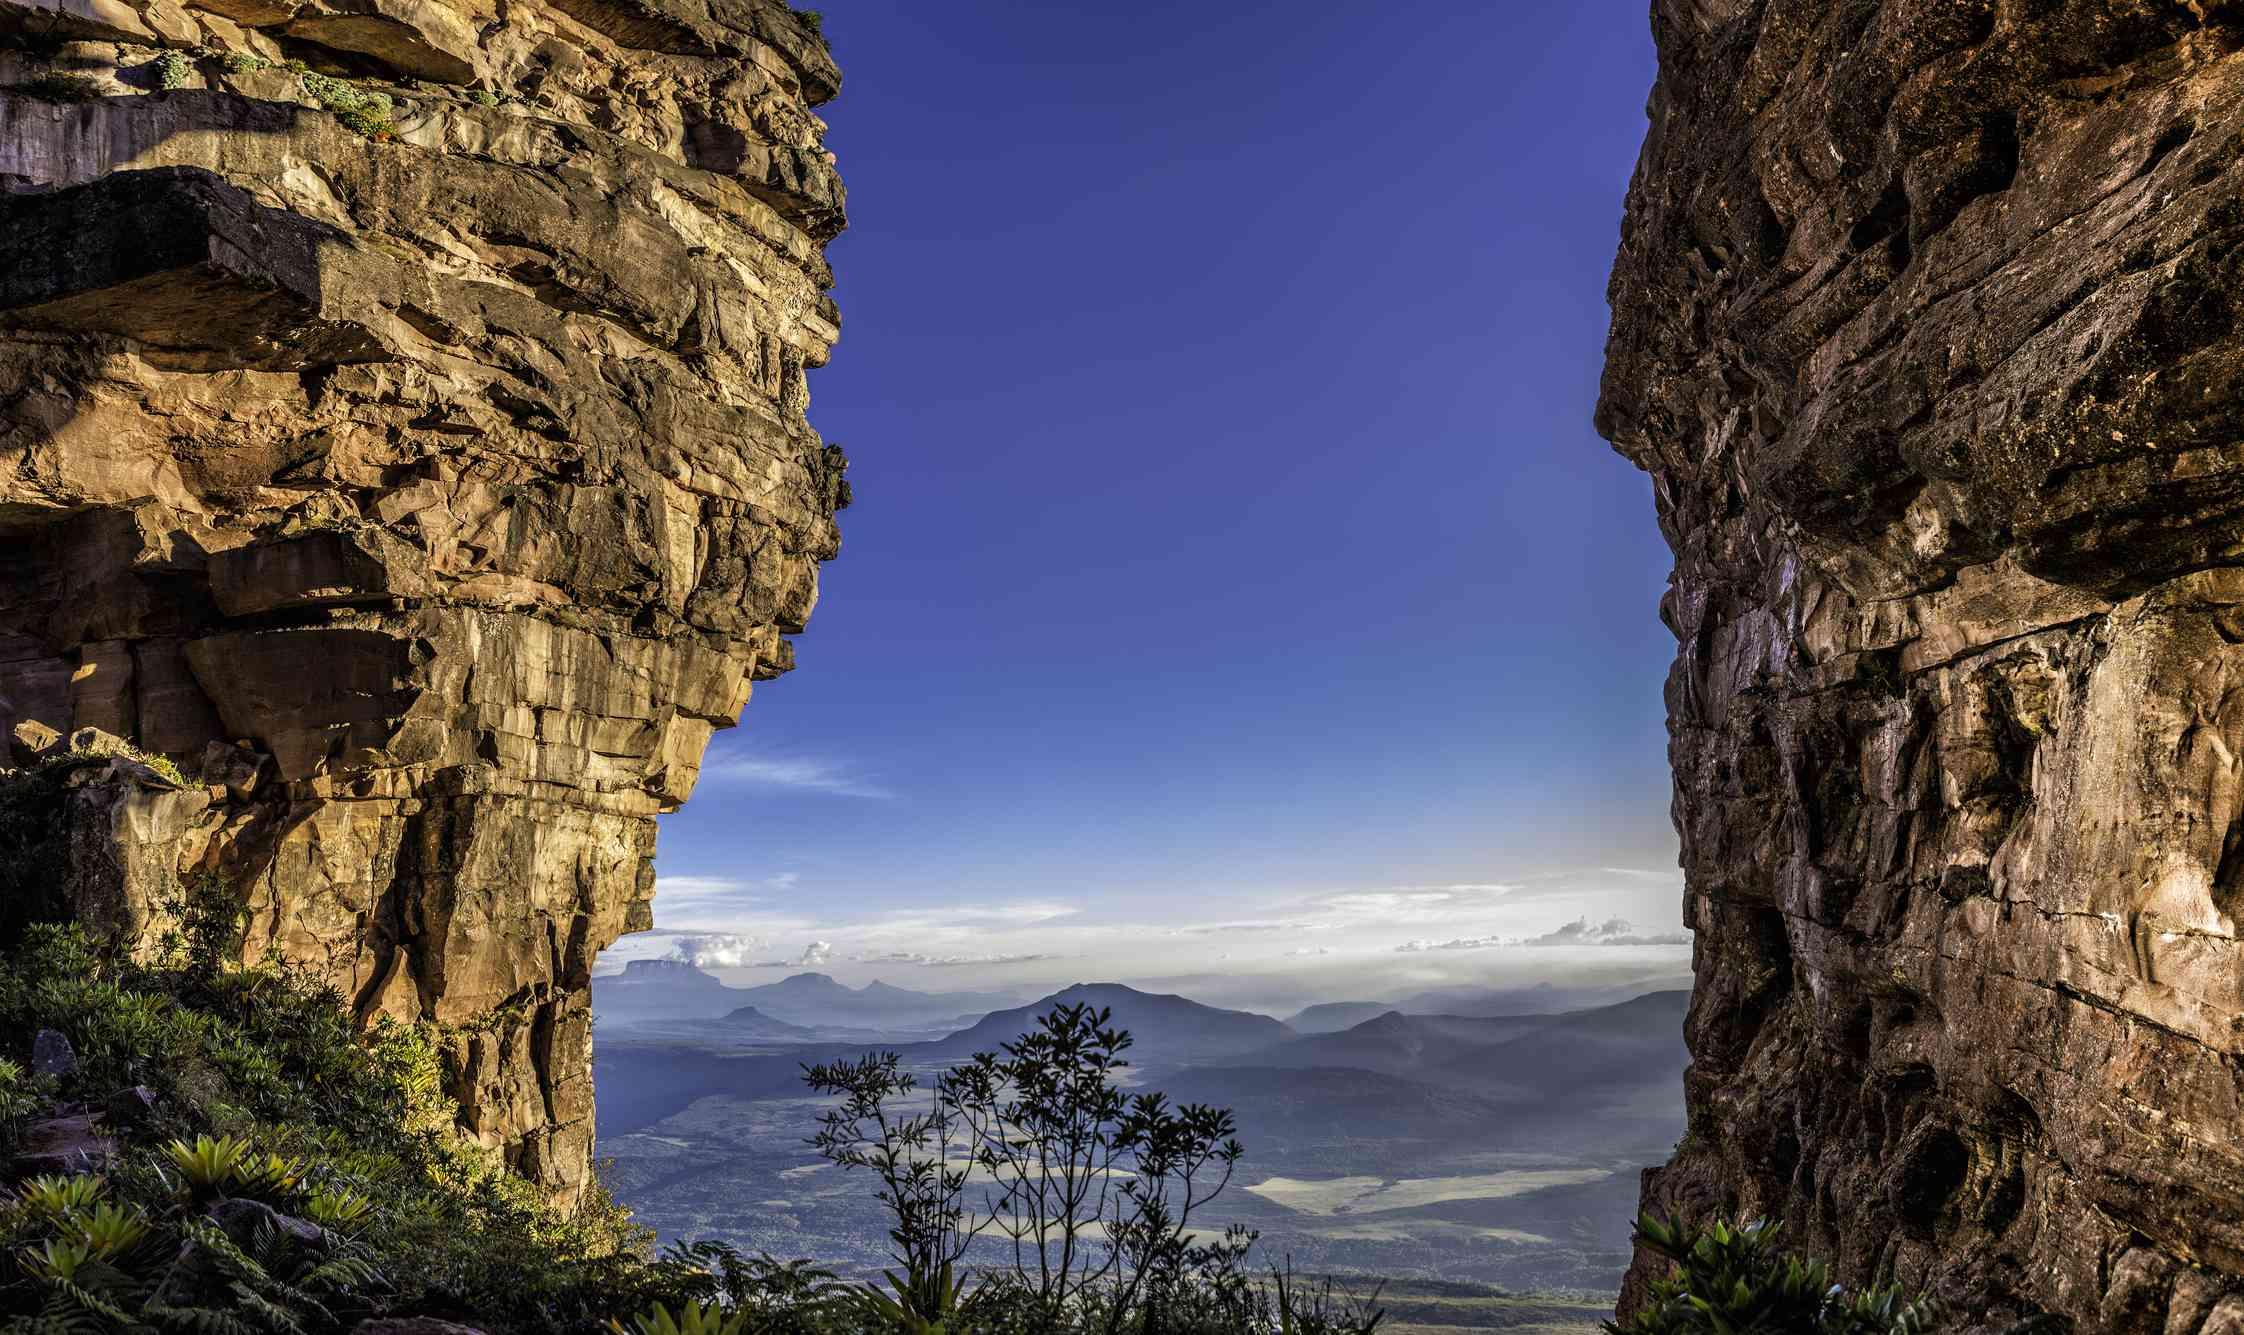 Kamata Valley seen through The Window, near the summit of the Auyan Tepuy, Gran Sabana, Venezuela